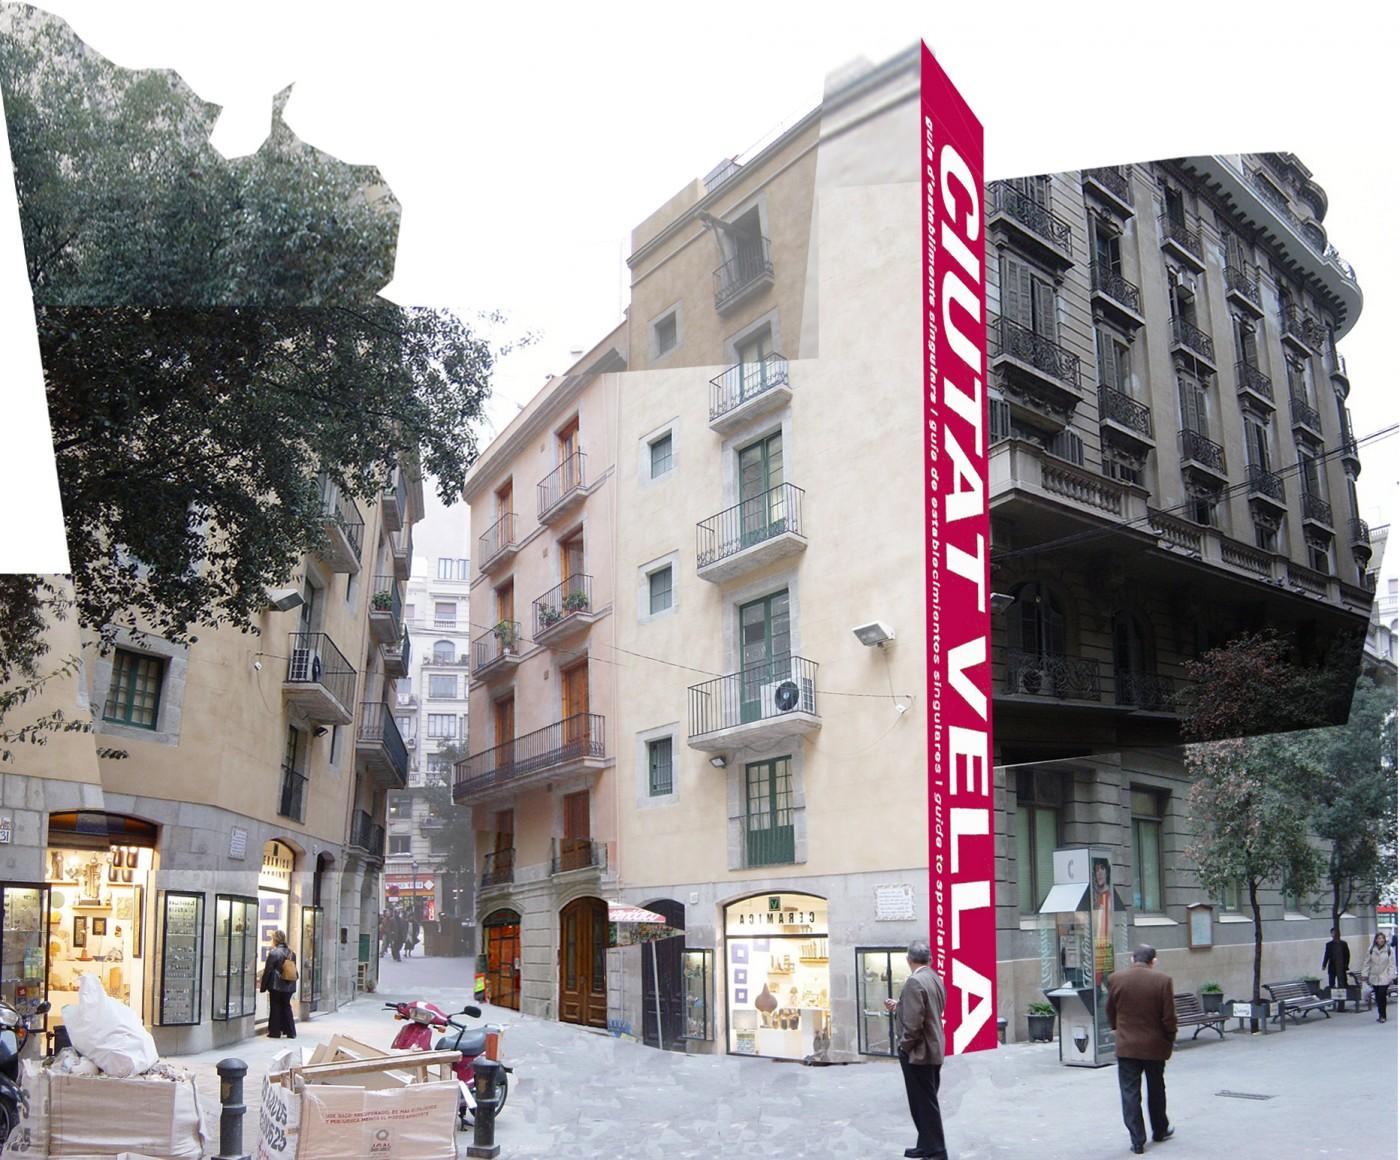 concurs carrer comptal barcelona